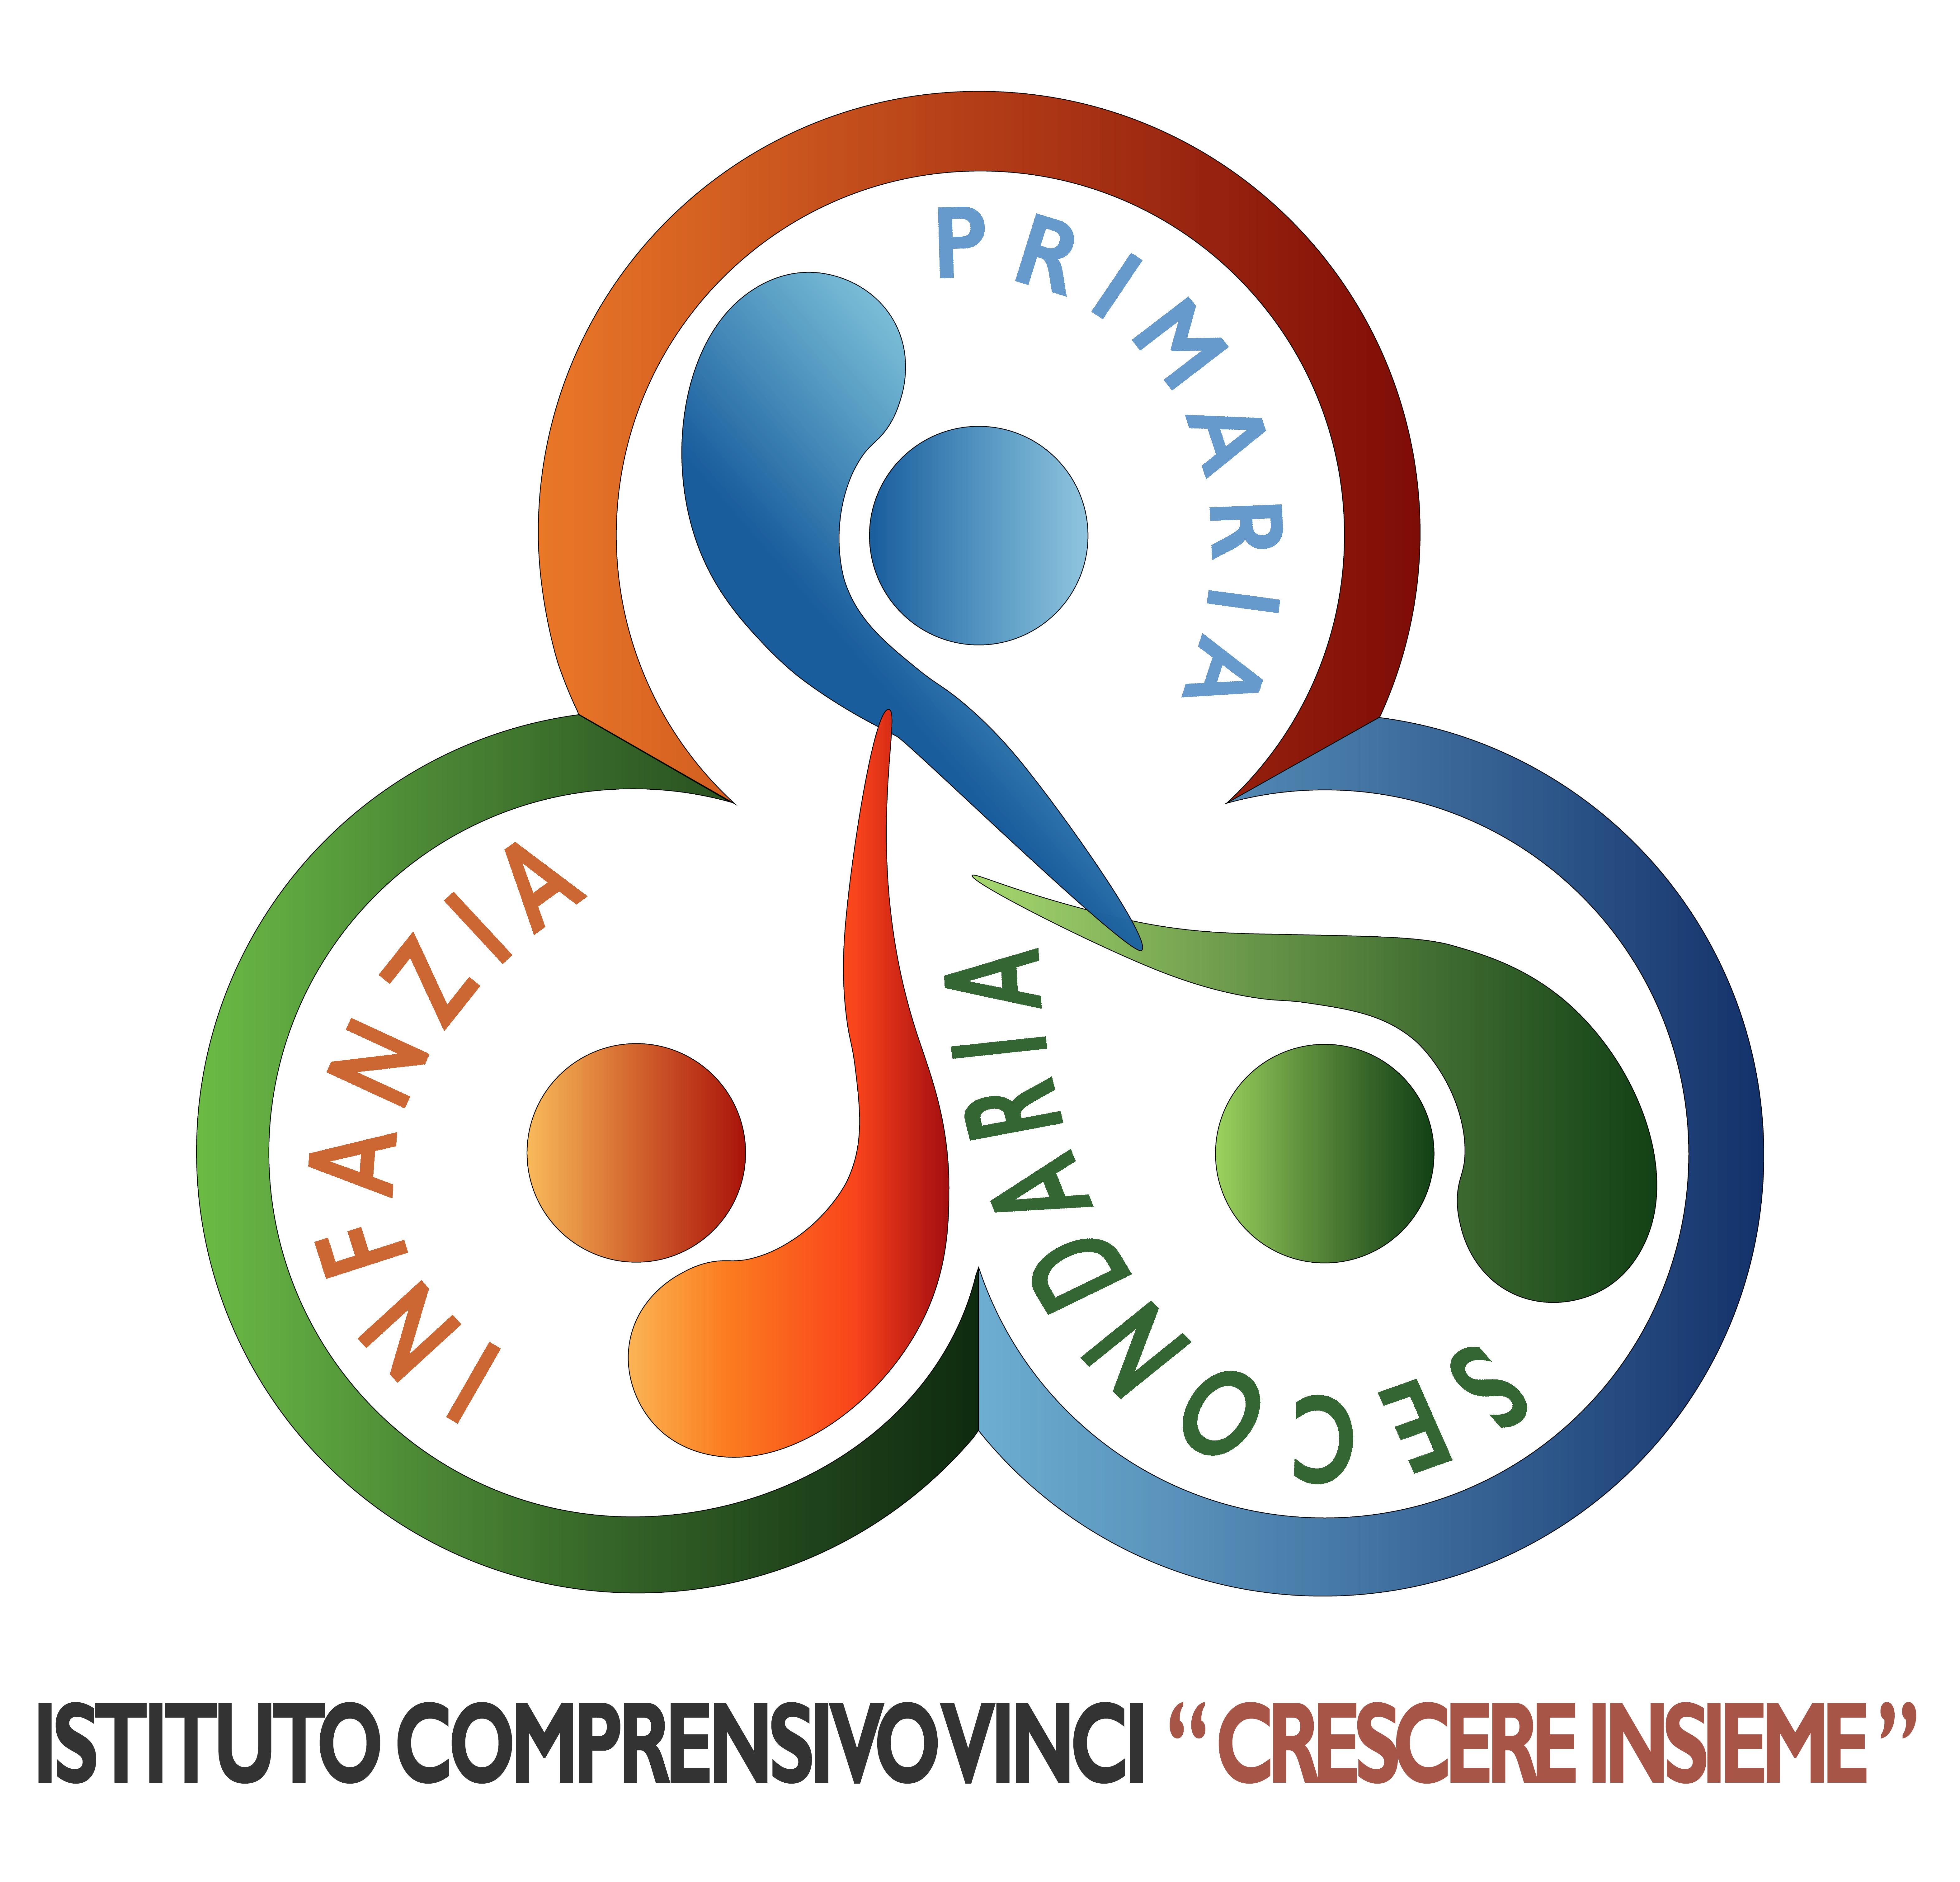 Istituto Comprensivo Vinci